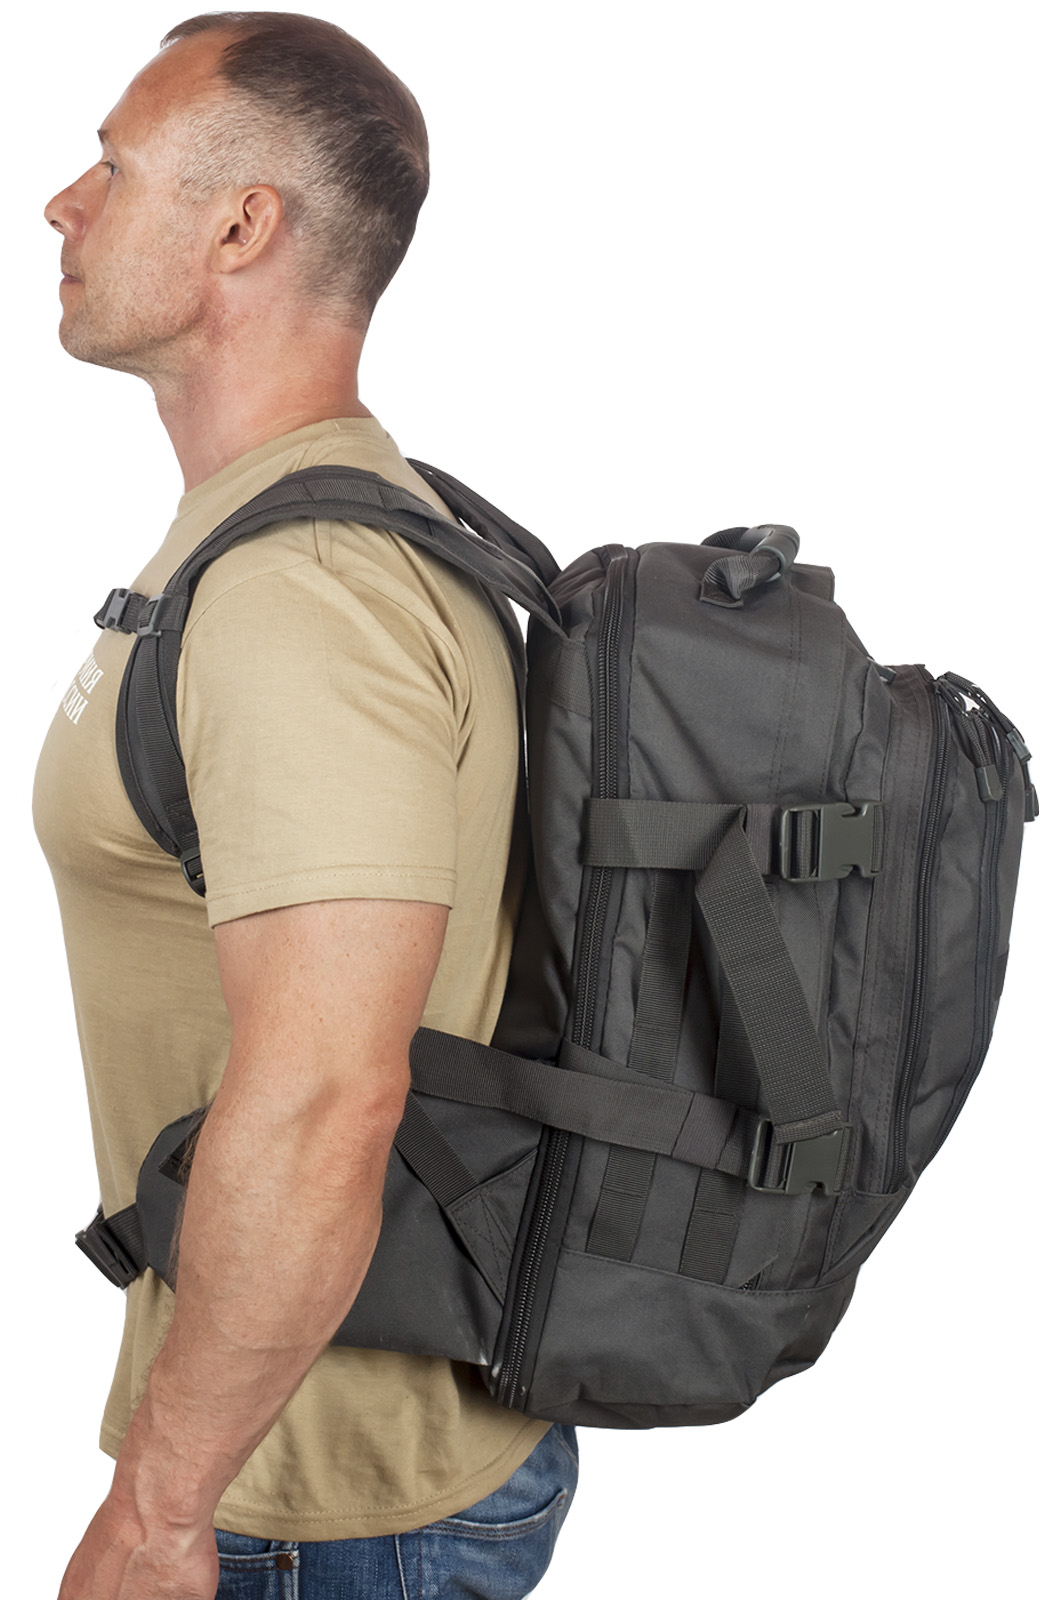 Военный универсальный рюкзак МВД - купить по низкой цене